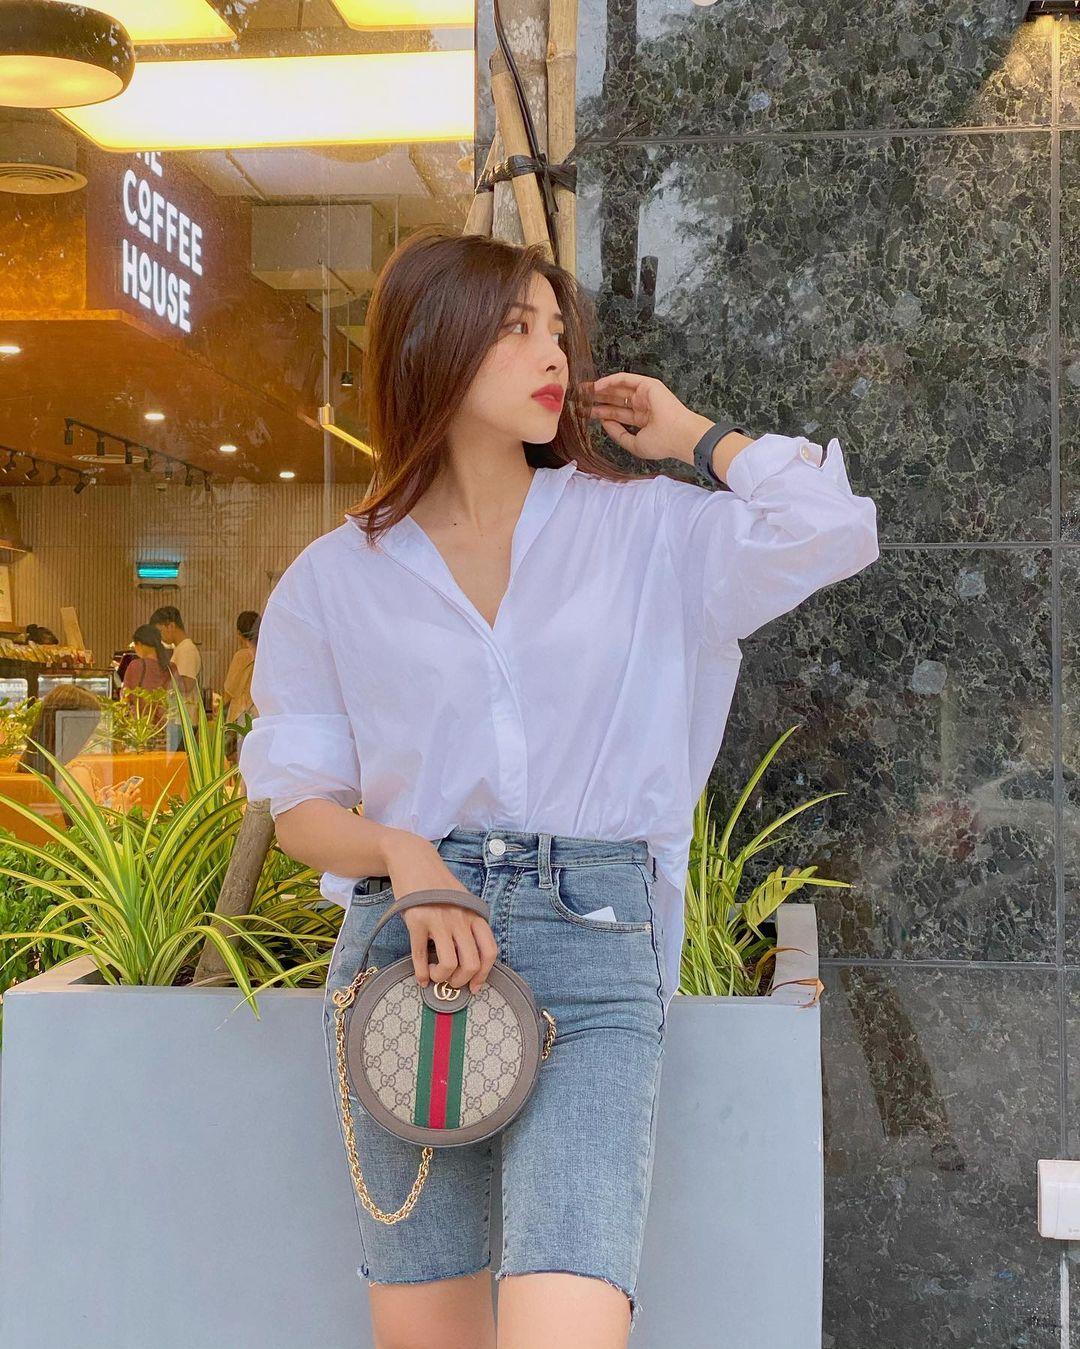 Lên cô dâu xinh đẹp xuất sắc, ngoài đời thường vợ của Phan Mạnh Quỳnh còn là quý cô hàng hiệu, mỗi ngày diện một chiếc túi xa xỉ đụng hàng cả dàn sao Vbiz - Ảnh 8.